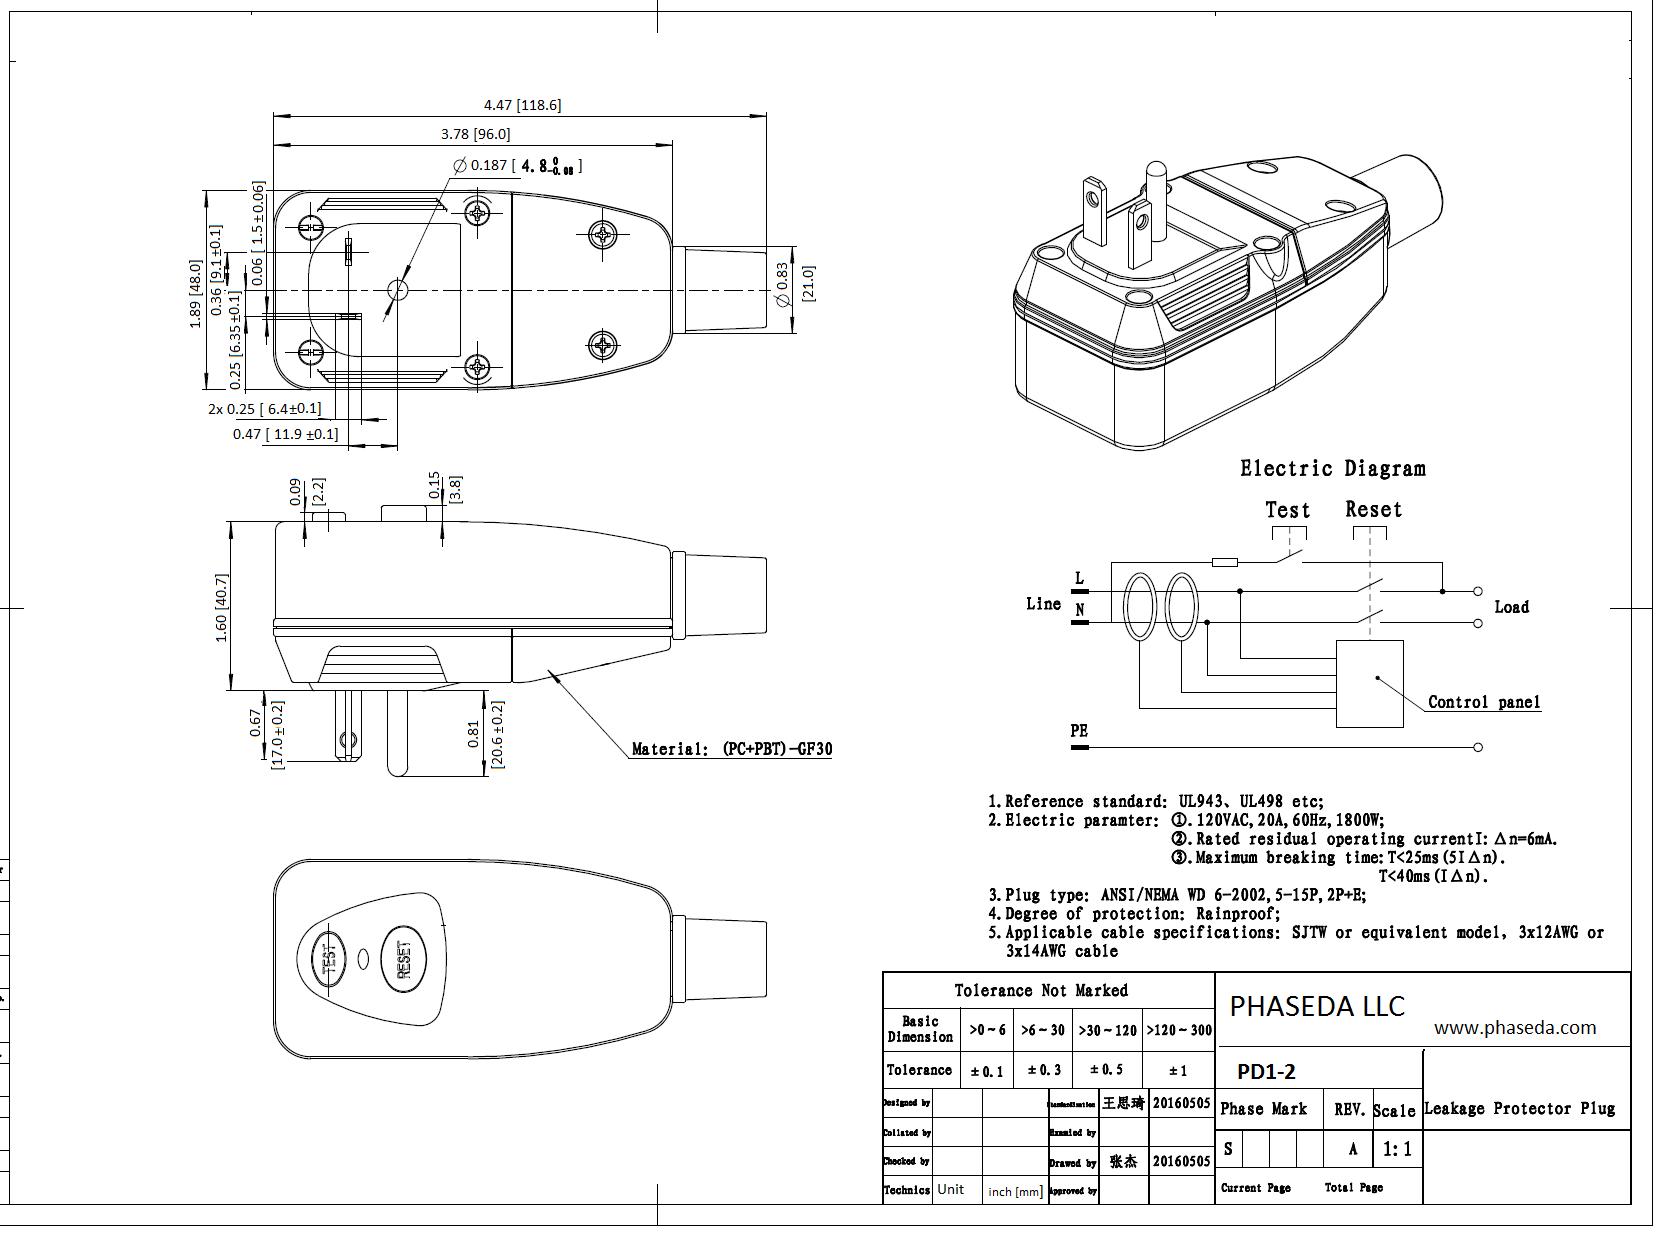 PD1-2 Spec sheet